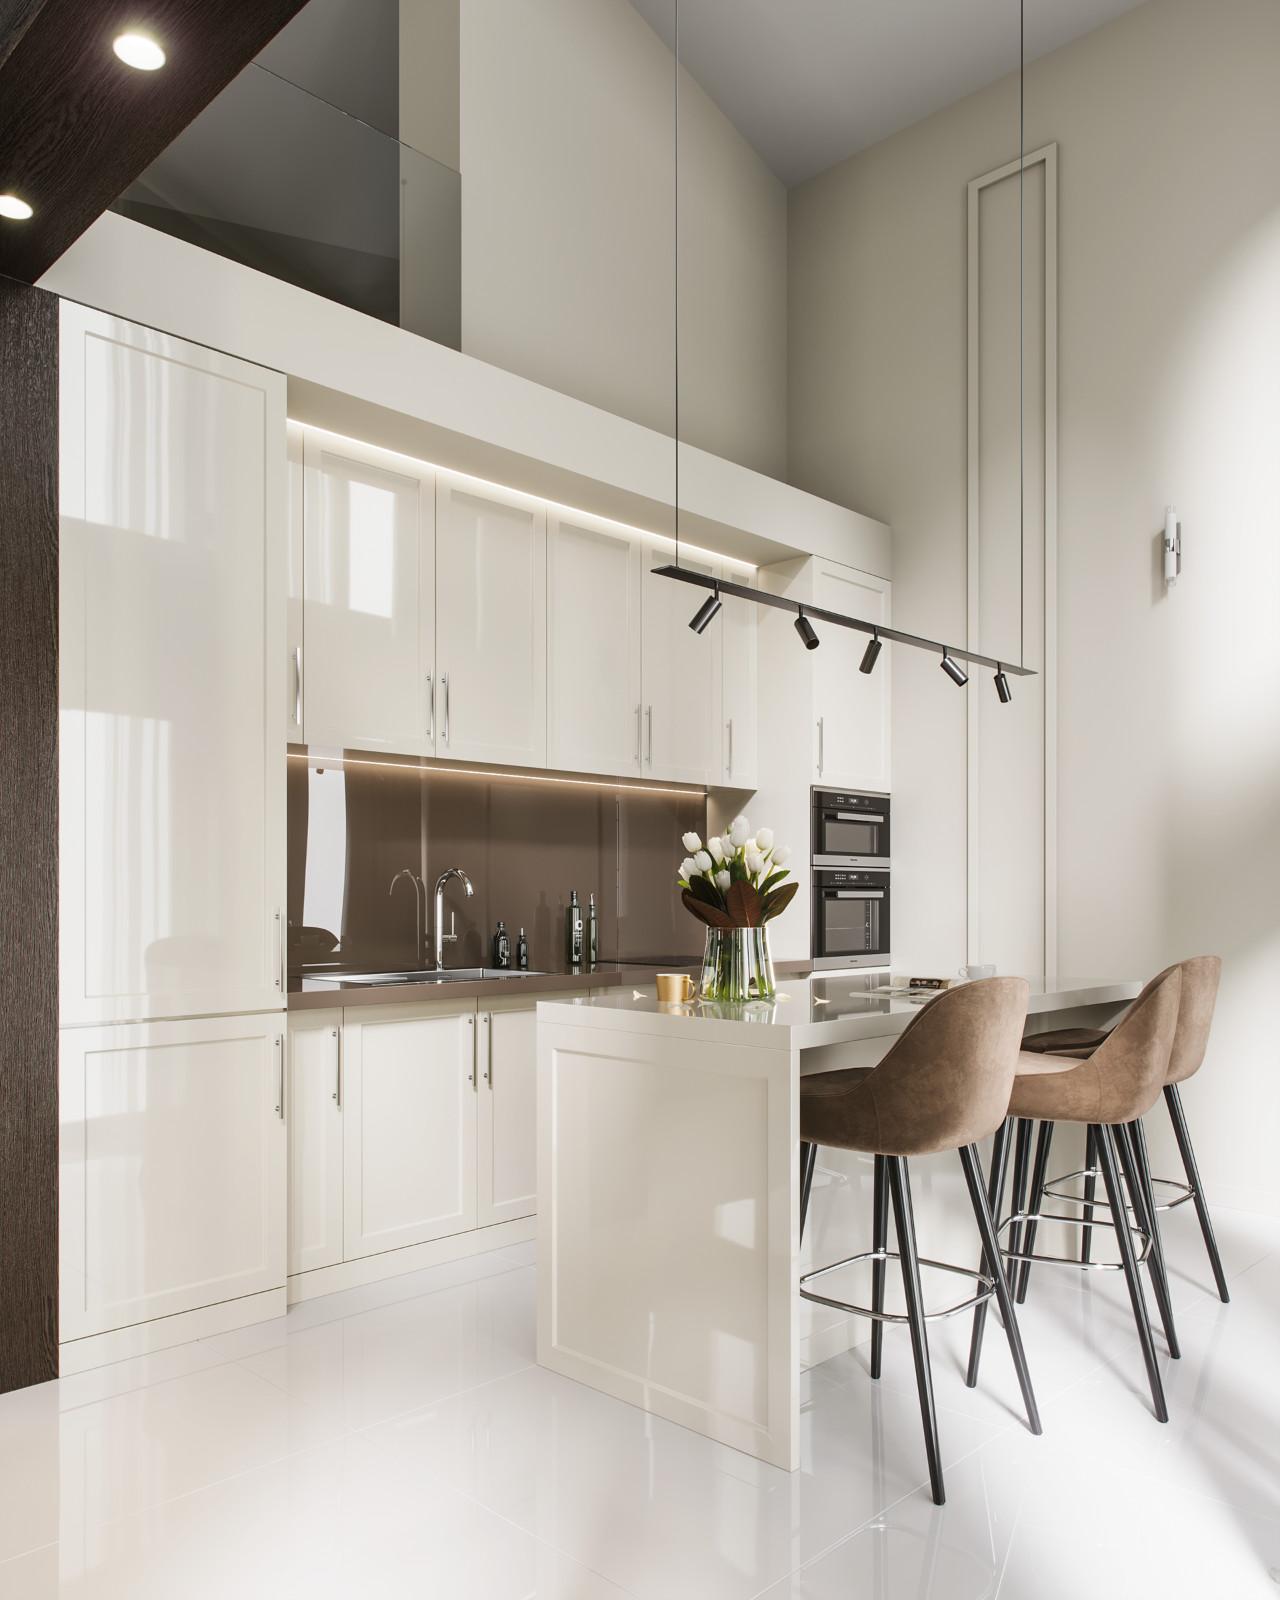 Soffit Interiors:精于细节的简约美宅